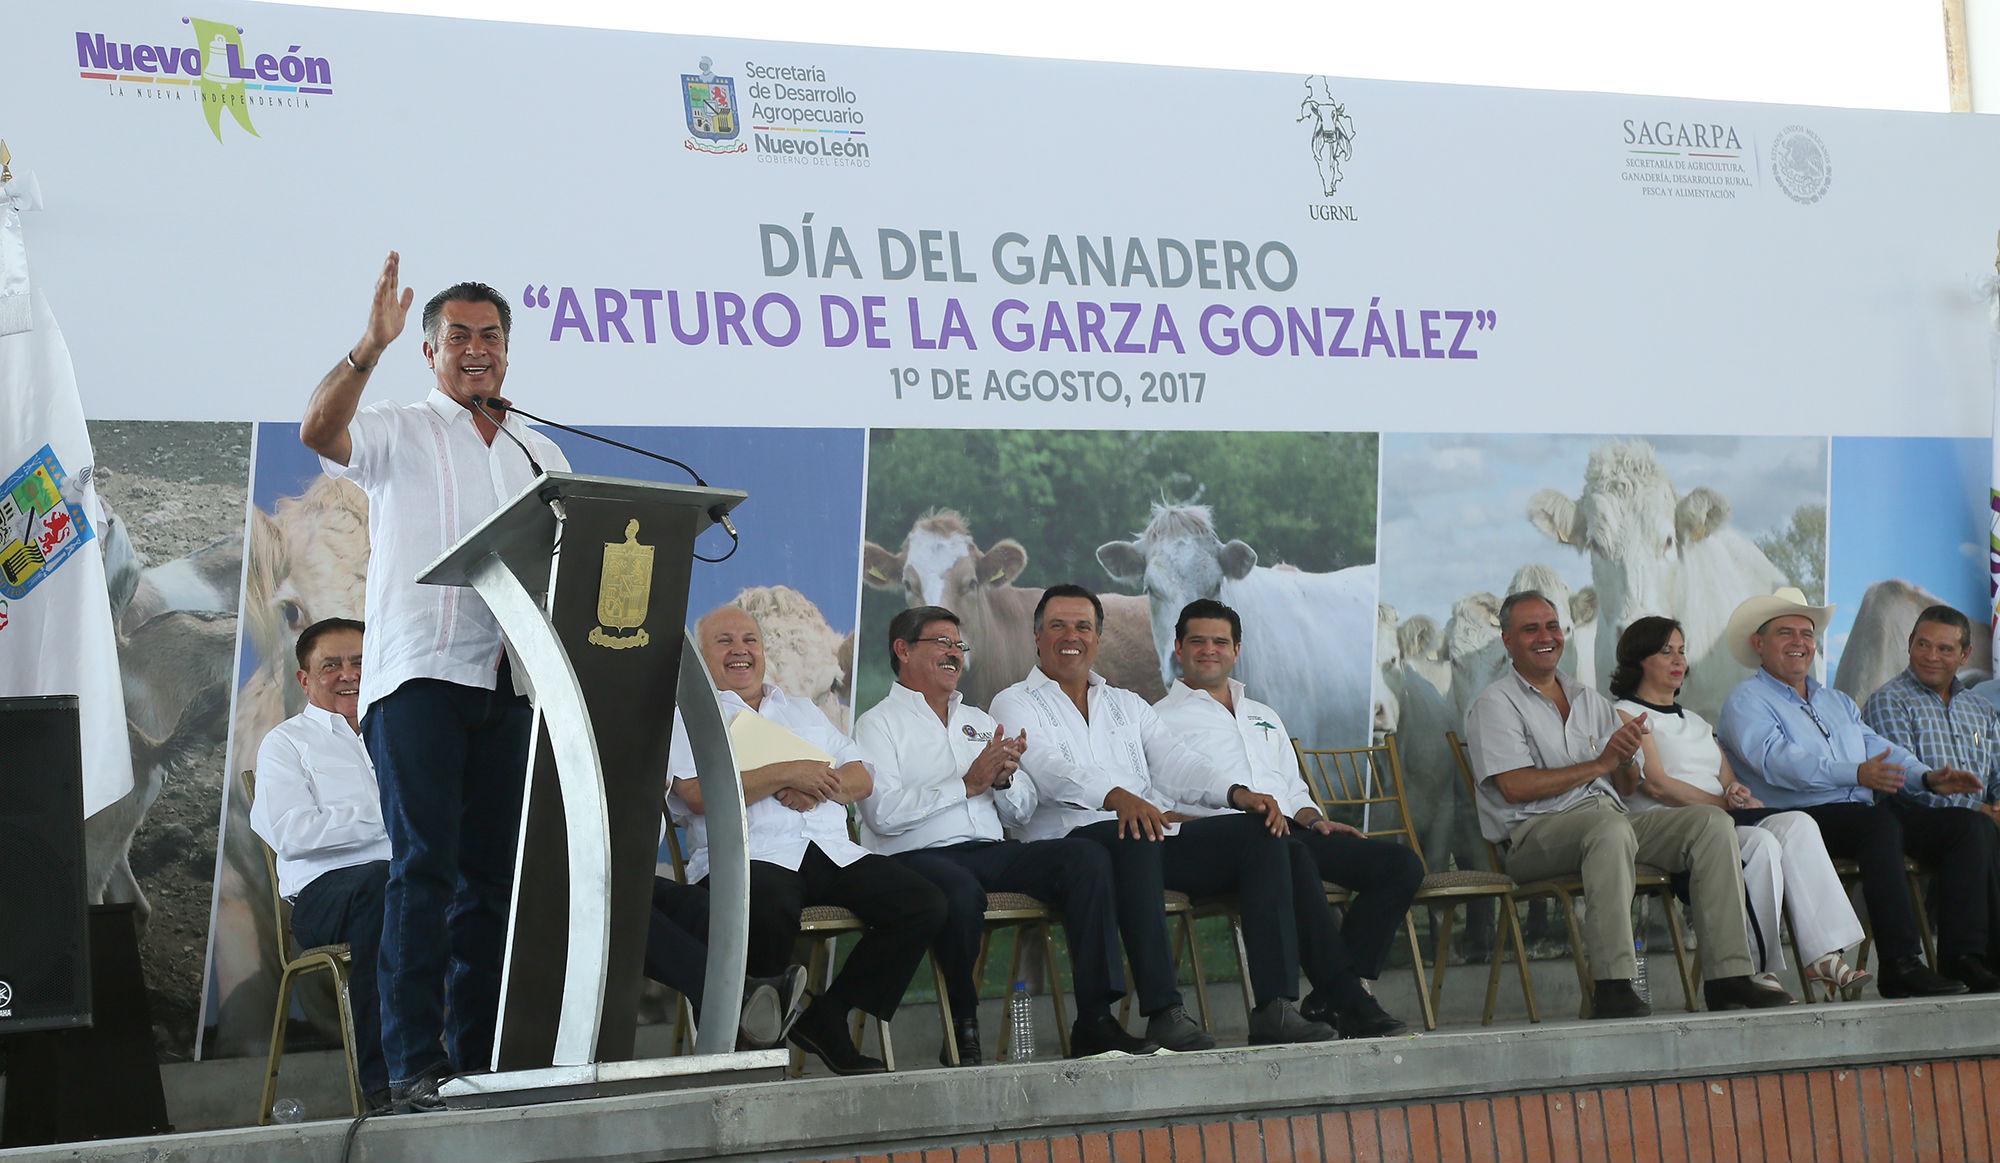 Jaime Rodríguez Calderón, Gobernador del Estado de Nuevo León